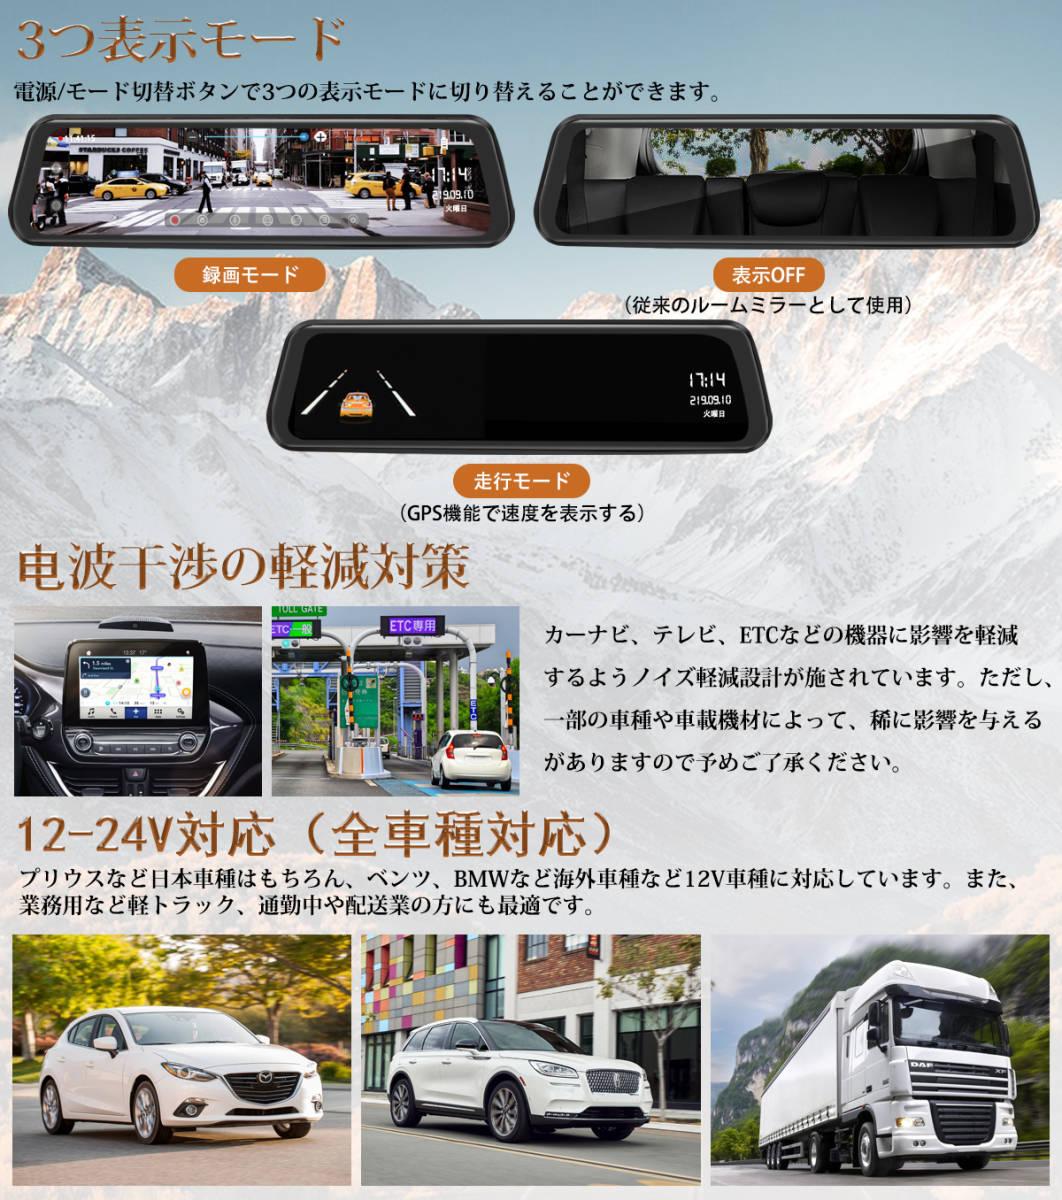 送料無料 前後カメラ 車線逸脱警報 32GB SDカード付 GPS搭載 ドライブレコーダー S06 ミラー型 9.88インチタッチパネル 日本製説明書 新品_画像7